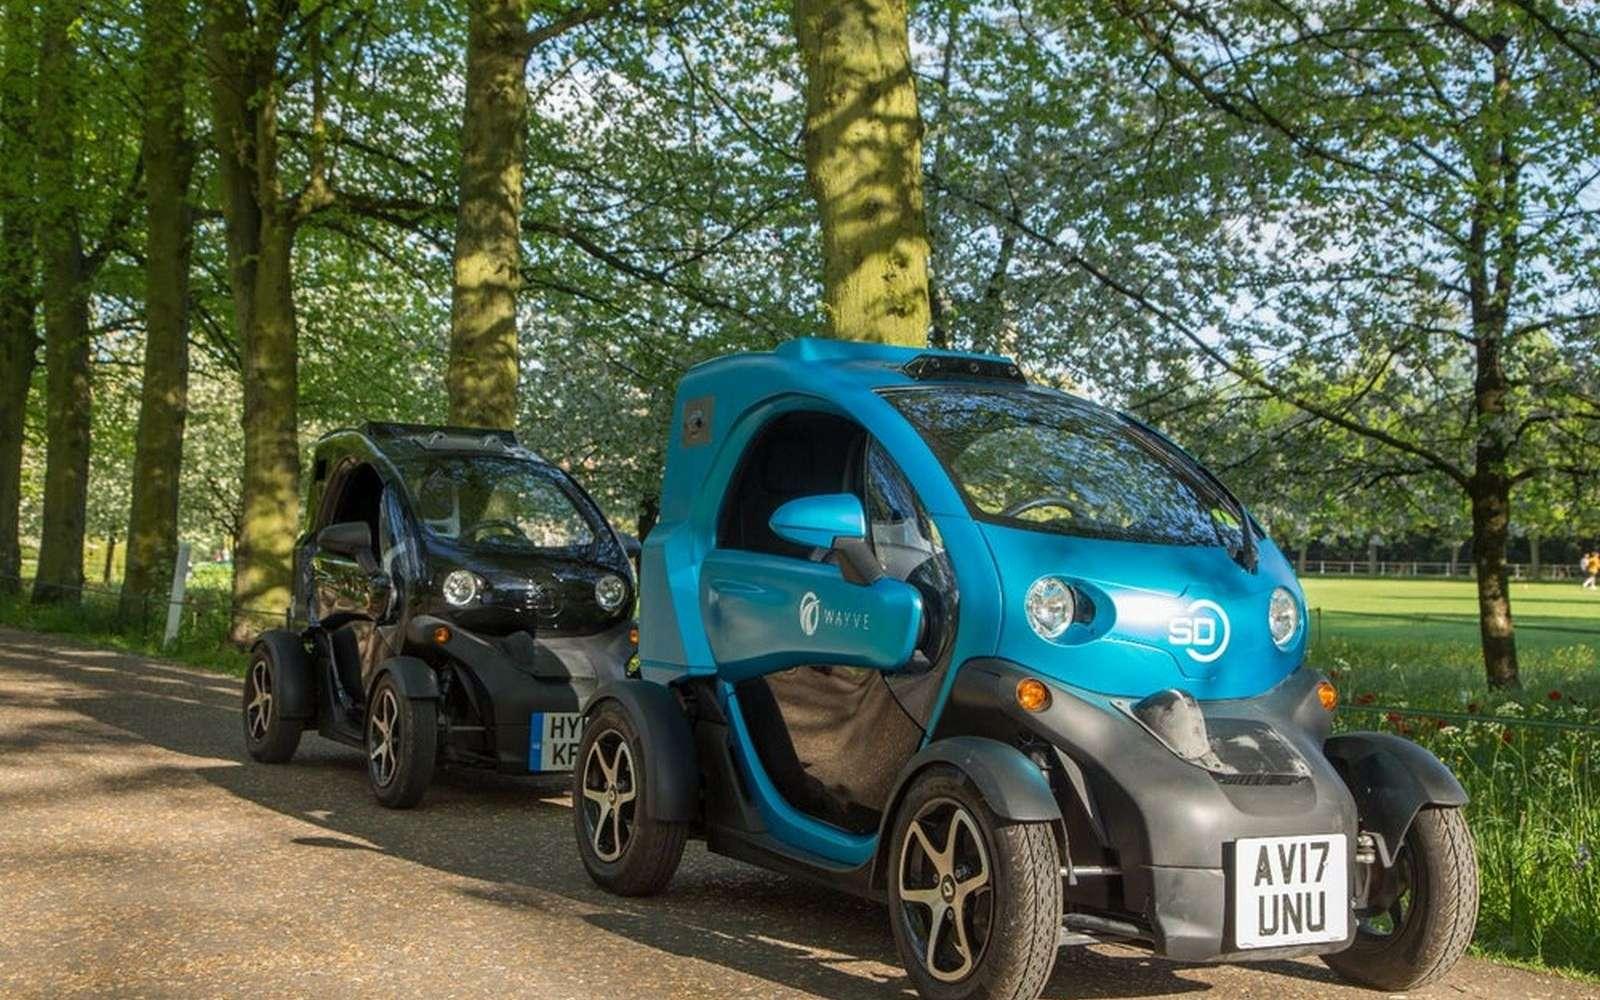 Wayve a utilisé une voiture électrique Renault Twizy pour son expérimentation. © Wayve